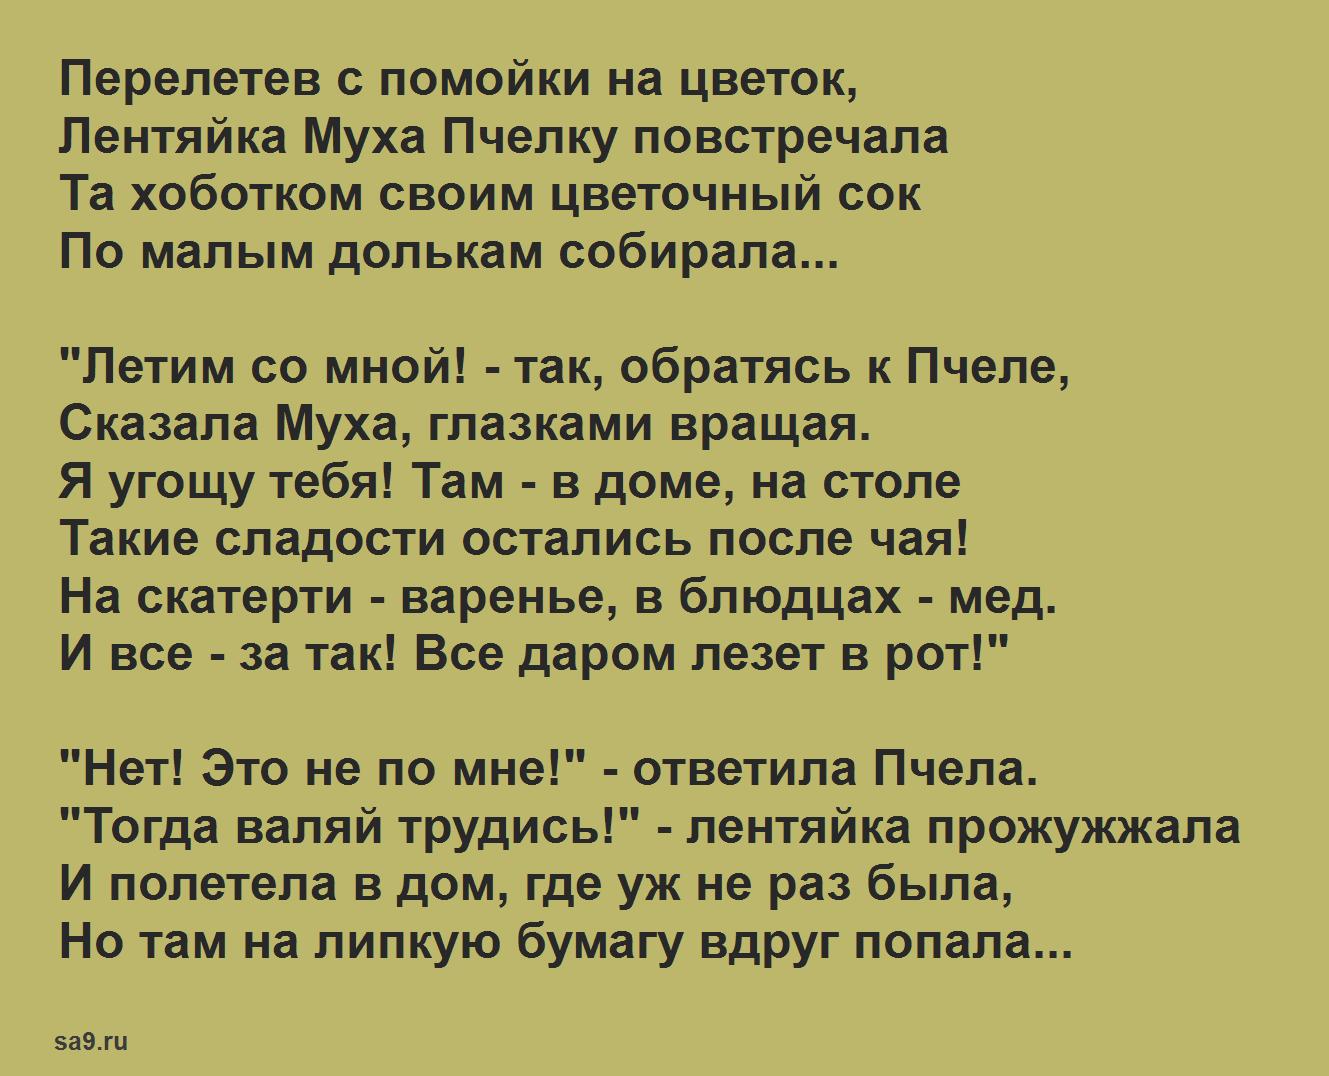 Басня Михалкова 'Муха и Пчела', текст басни читать полностью